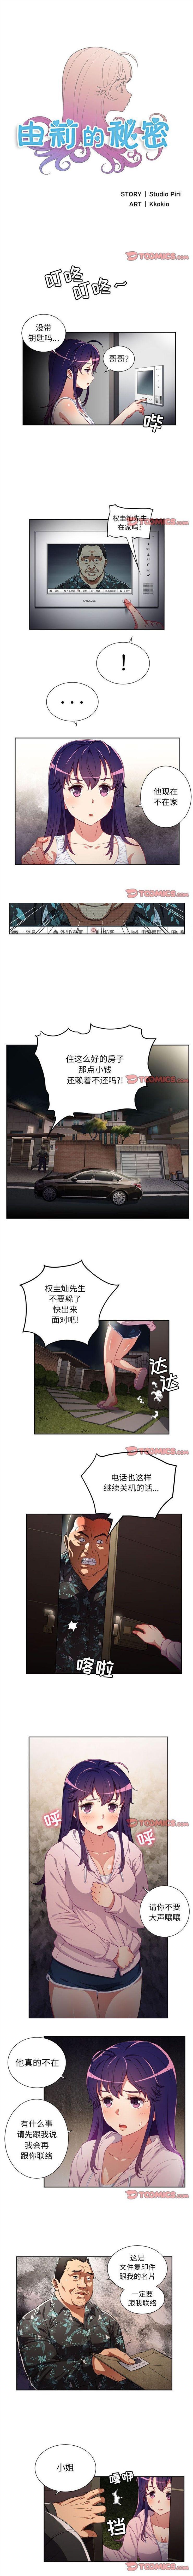 由莉的秘密1-60 中文翻译 (更新中) 228